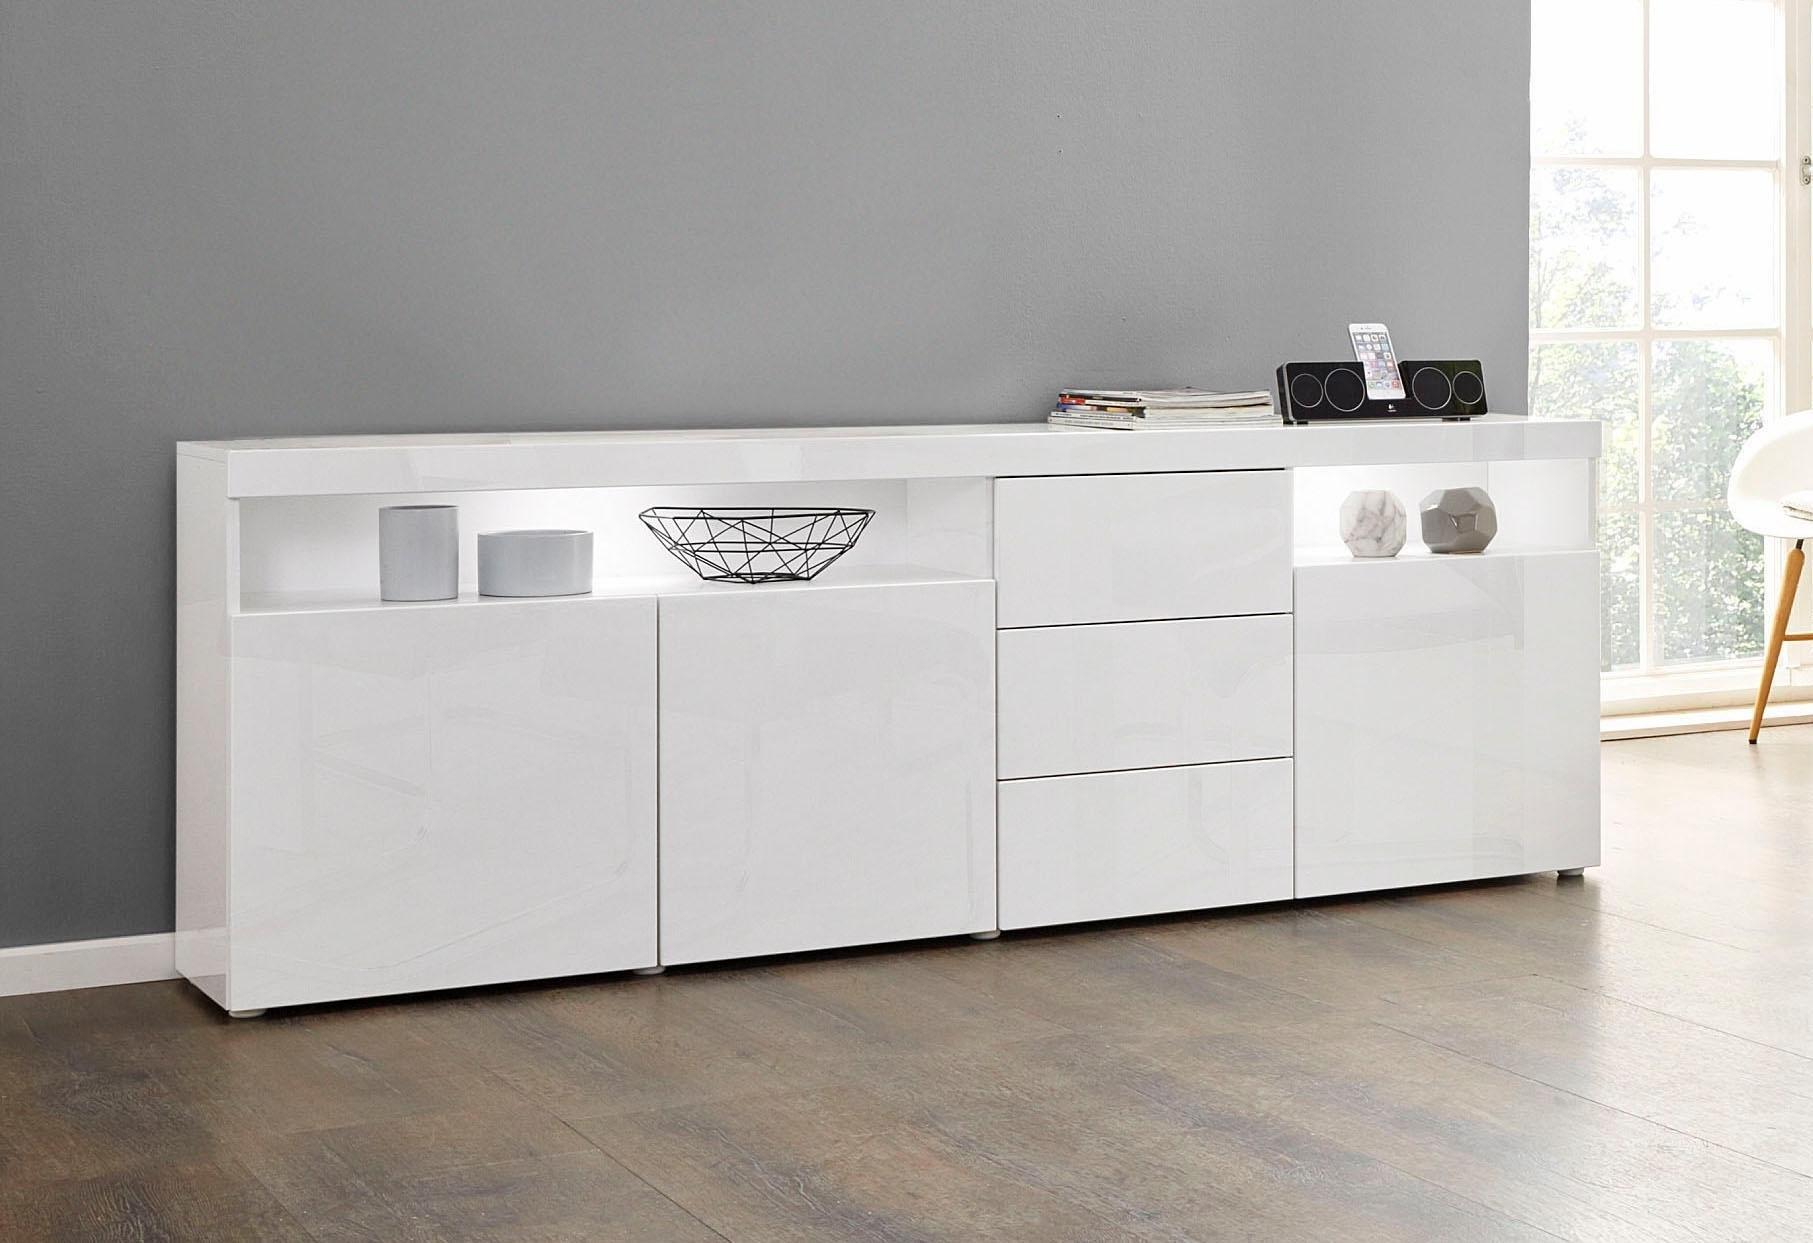 borchardt Möbel dressoir Kaapstad Breedte 200 cm met 3 lades bij OTTO online kopen